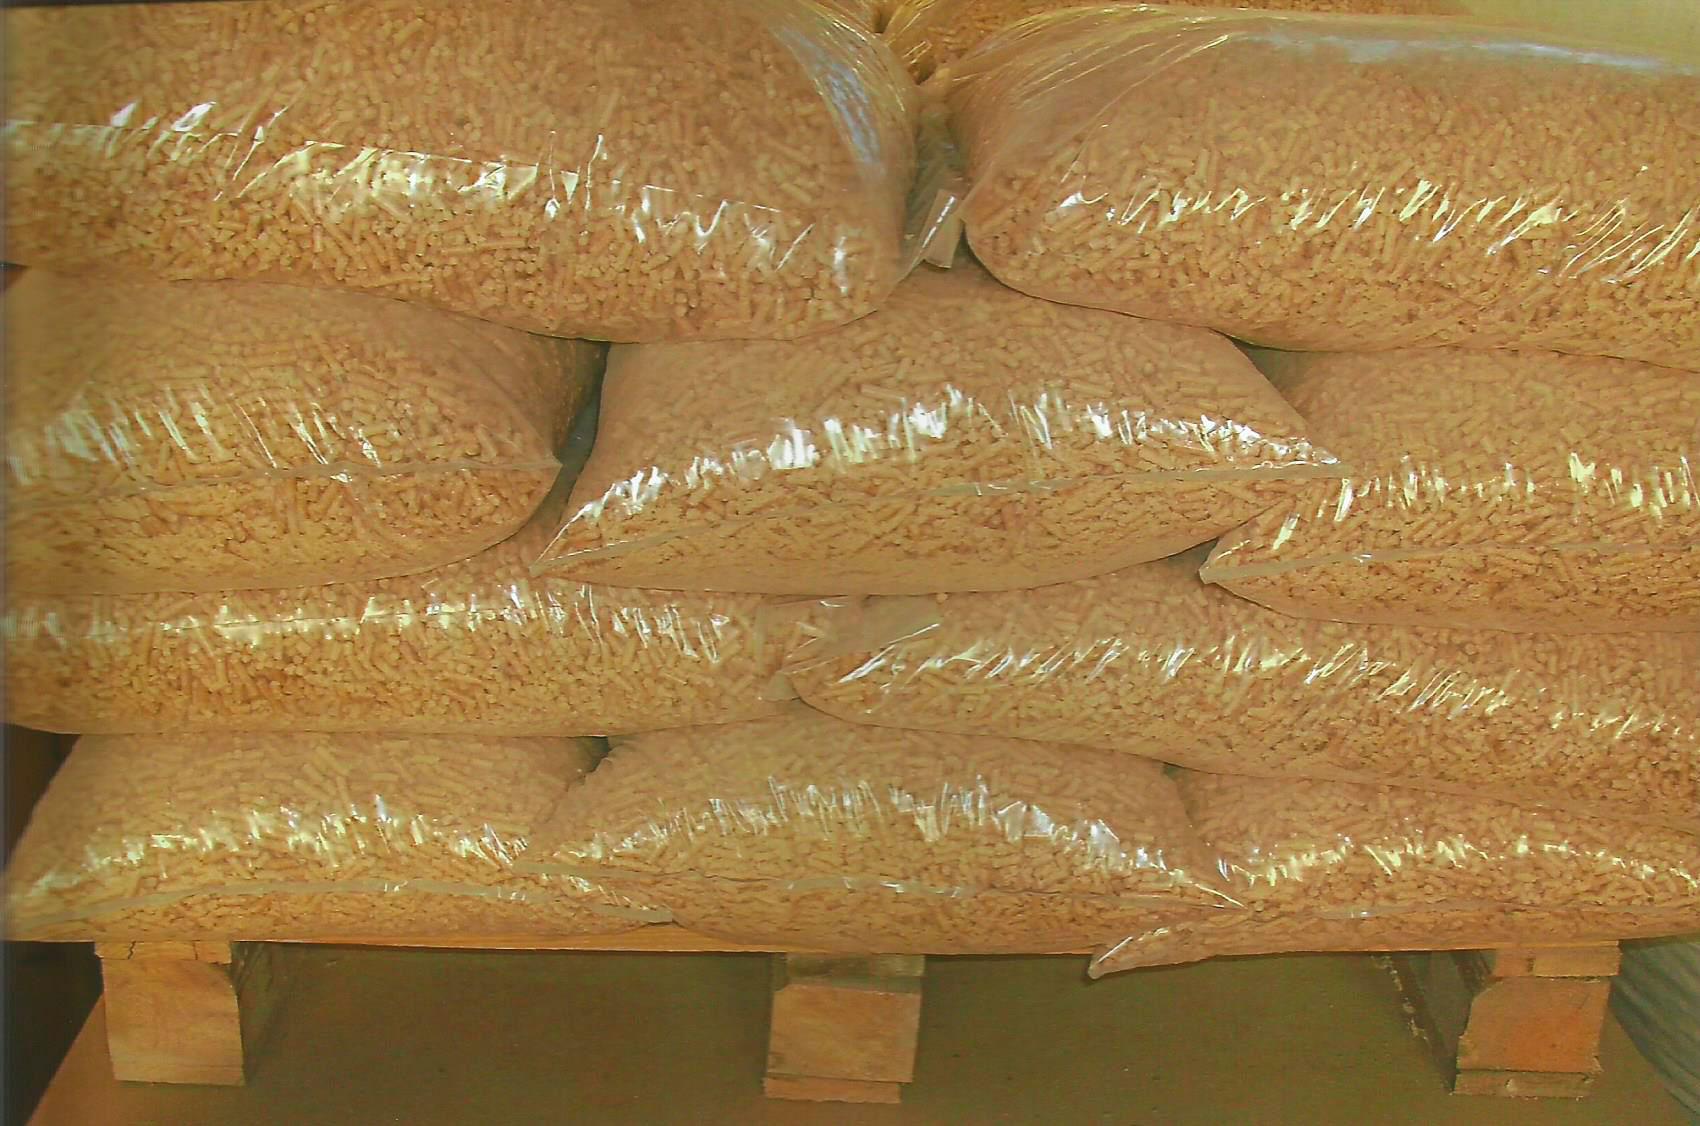 Arkaizpegurrak venta de pellets en guipuzcoa - Sacos de pellets ...